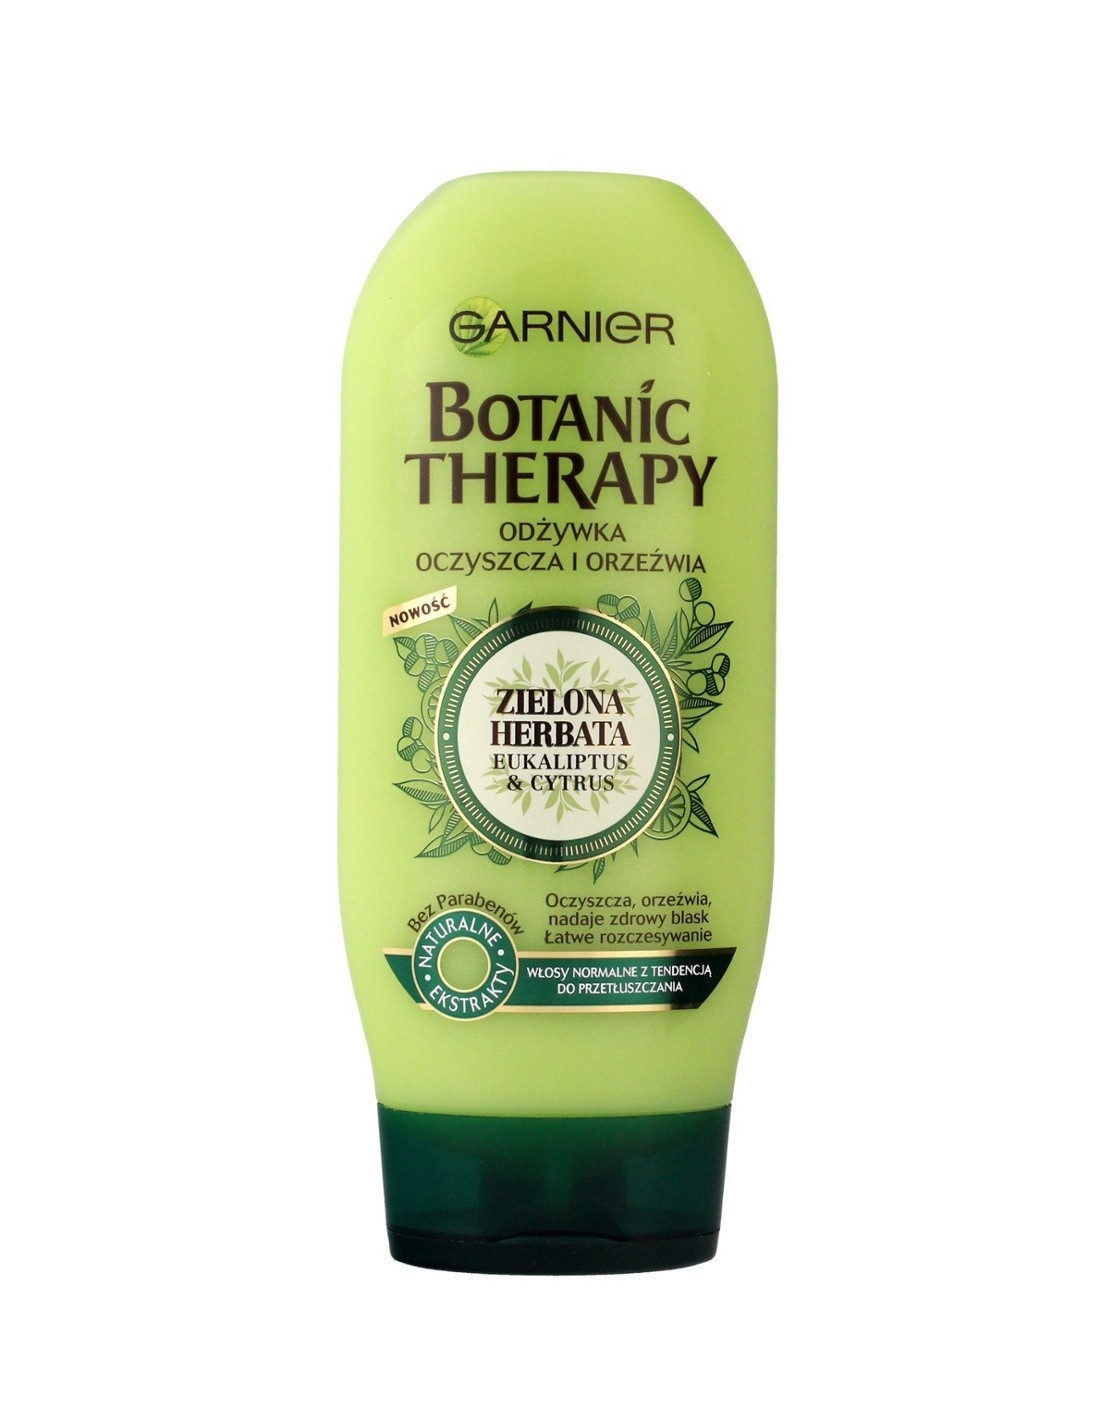 Garnier Botanic Therapy Odżywka Do Włosów Normalnych Zielona Herbata